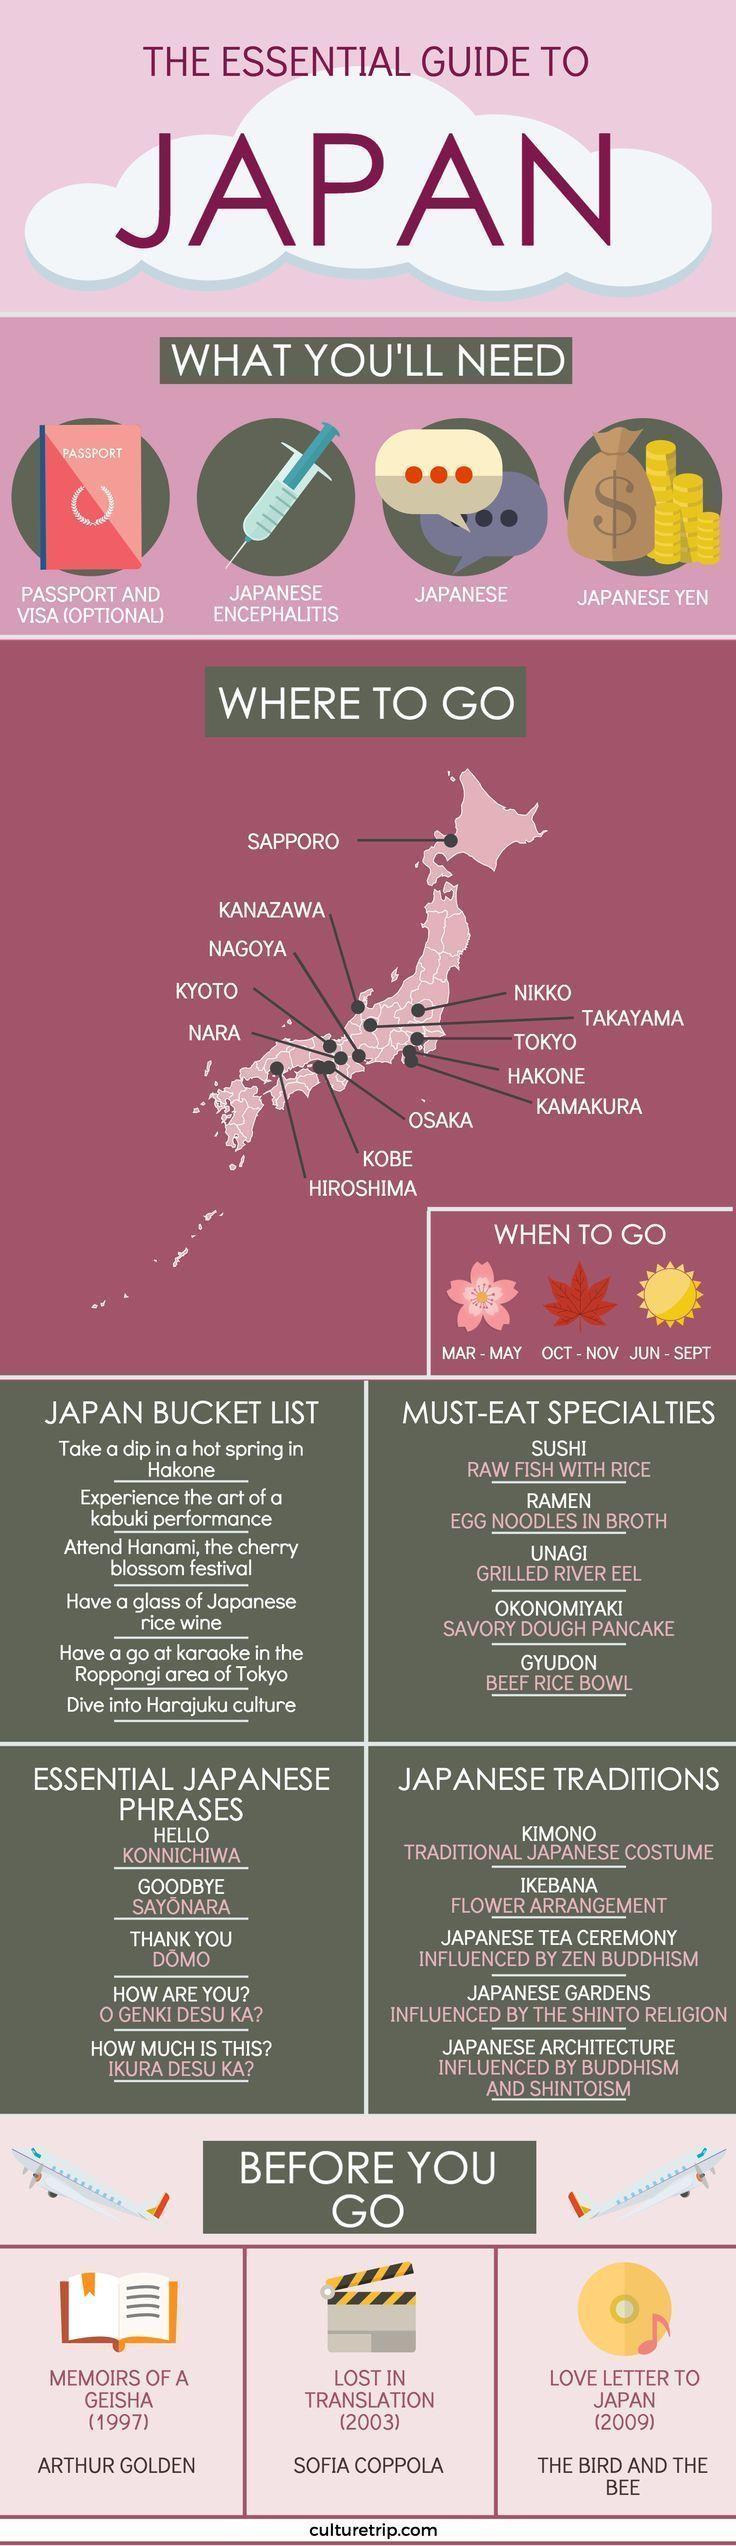 Die besten Reiseführer für Reisen, Essen und Kultur in Japan – Lokale Nachrichten und